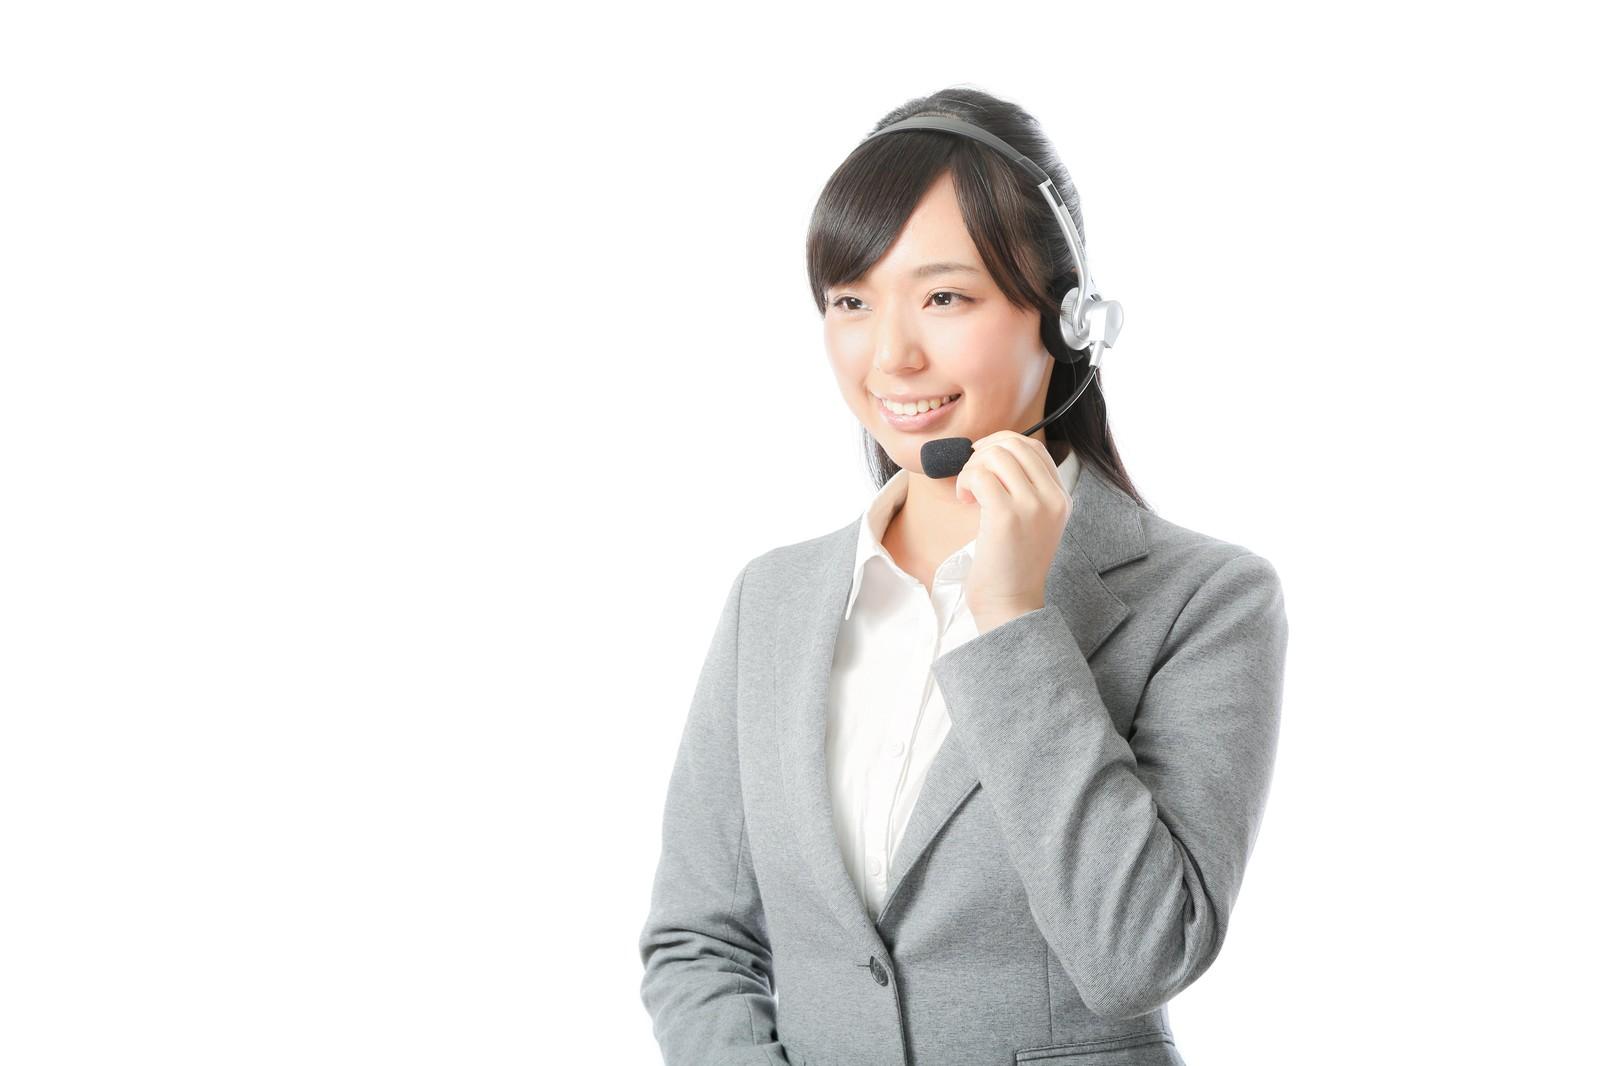 医療事務内定の連絡にいつまでに返事したら良いか